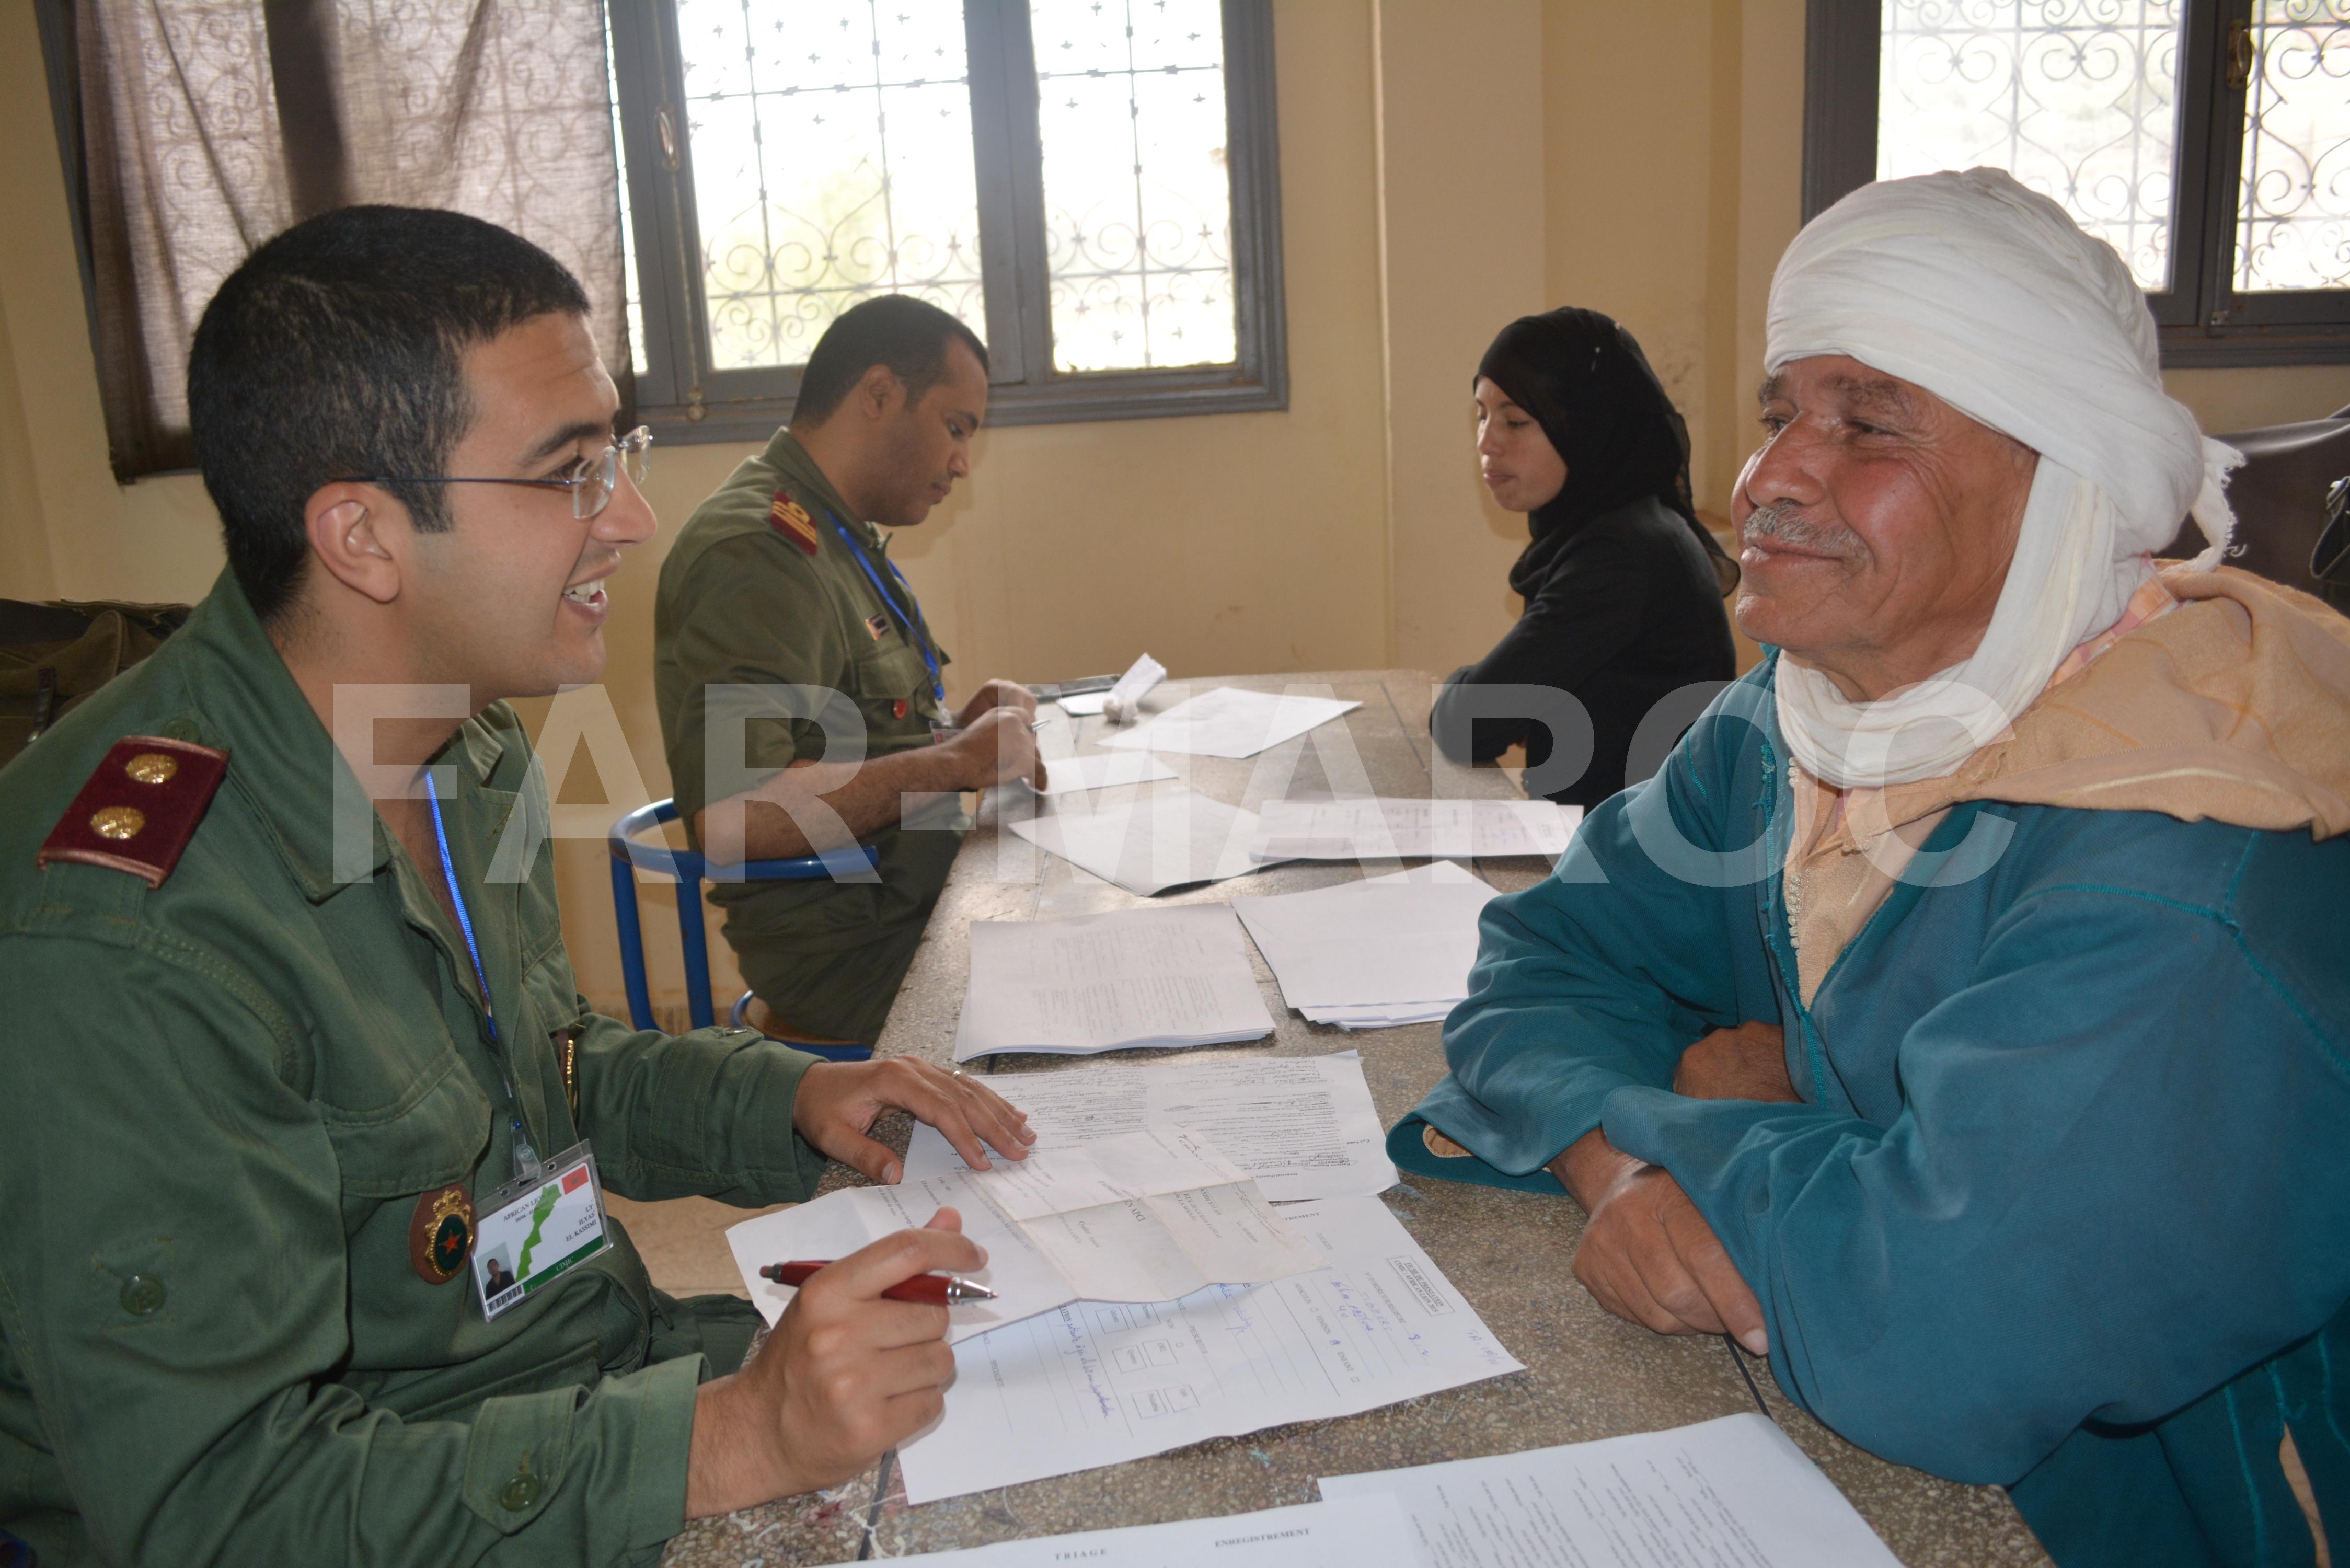 Les Opérations Humanitaires menées par nos Glorieuses Forces Armées Royales 47630847531_ebbb5c3bd9_o